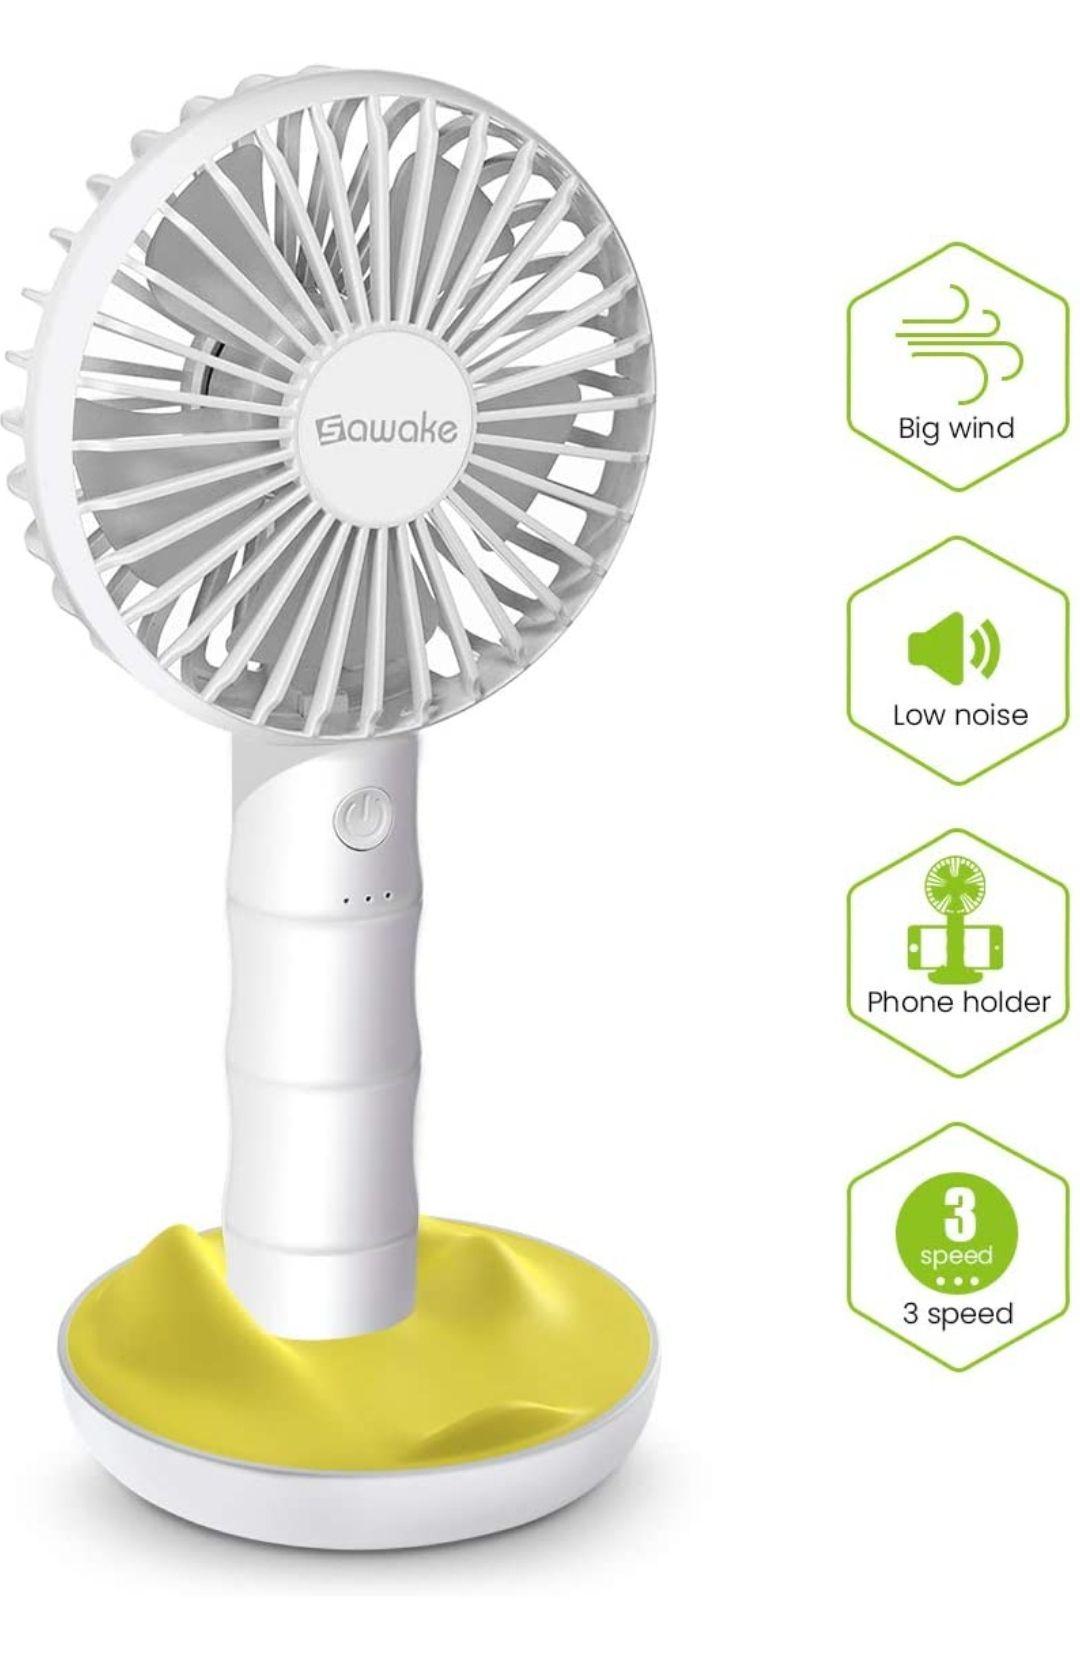 SAWAKE Ventilatore Manuale, Ventola USB Portatile con Base, Mini Ventola Ricaricabile con 3 velocità Regolabili